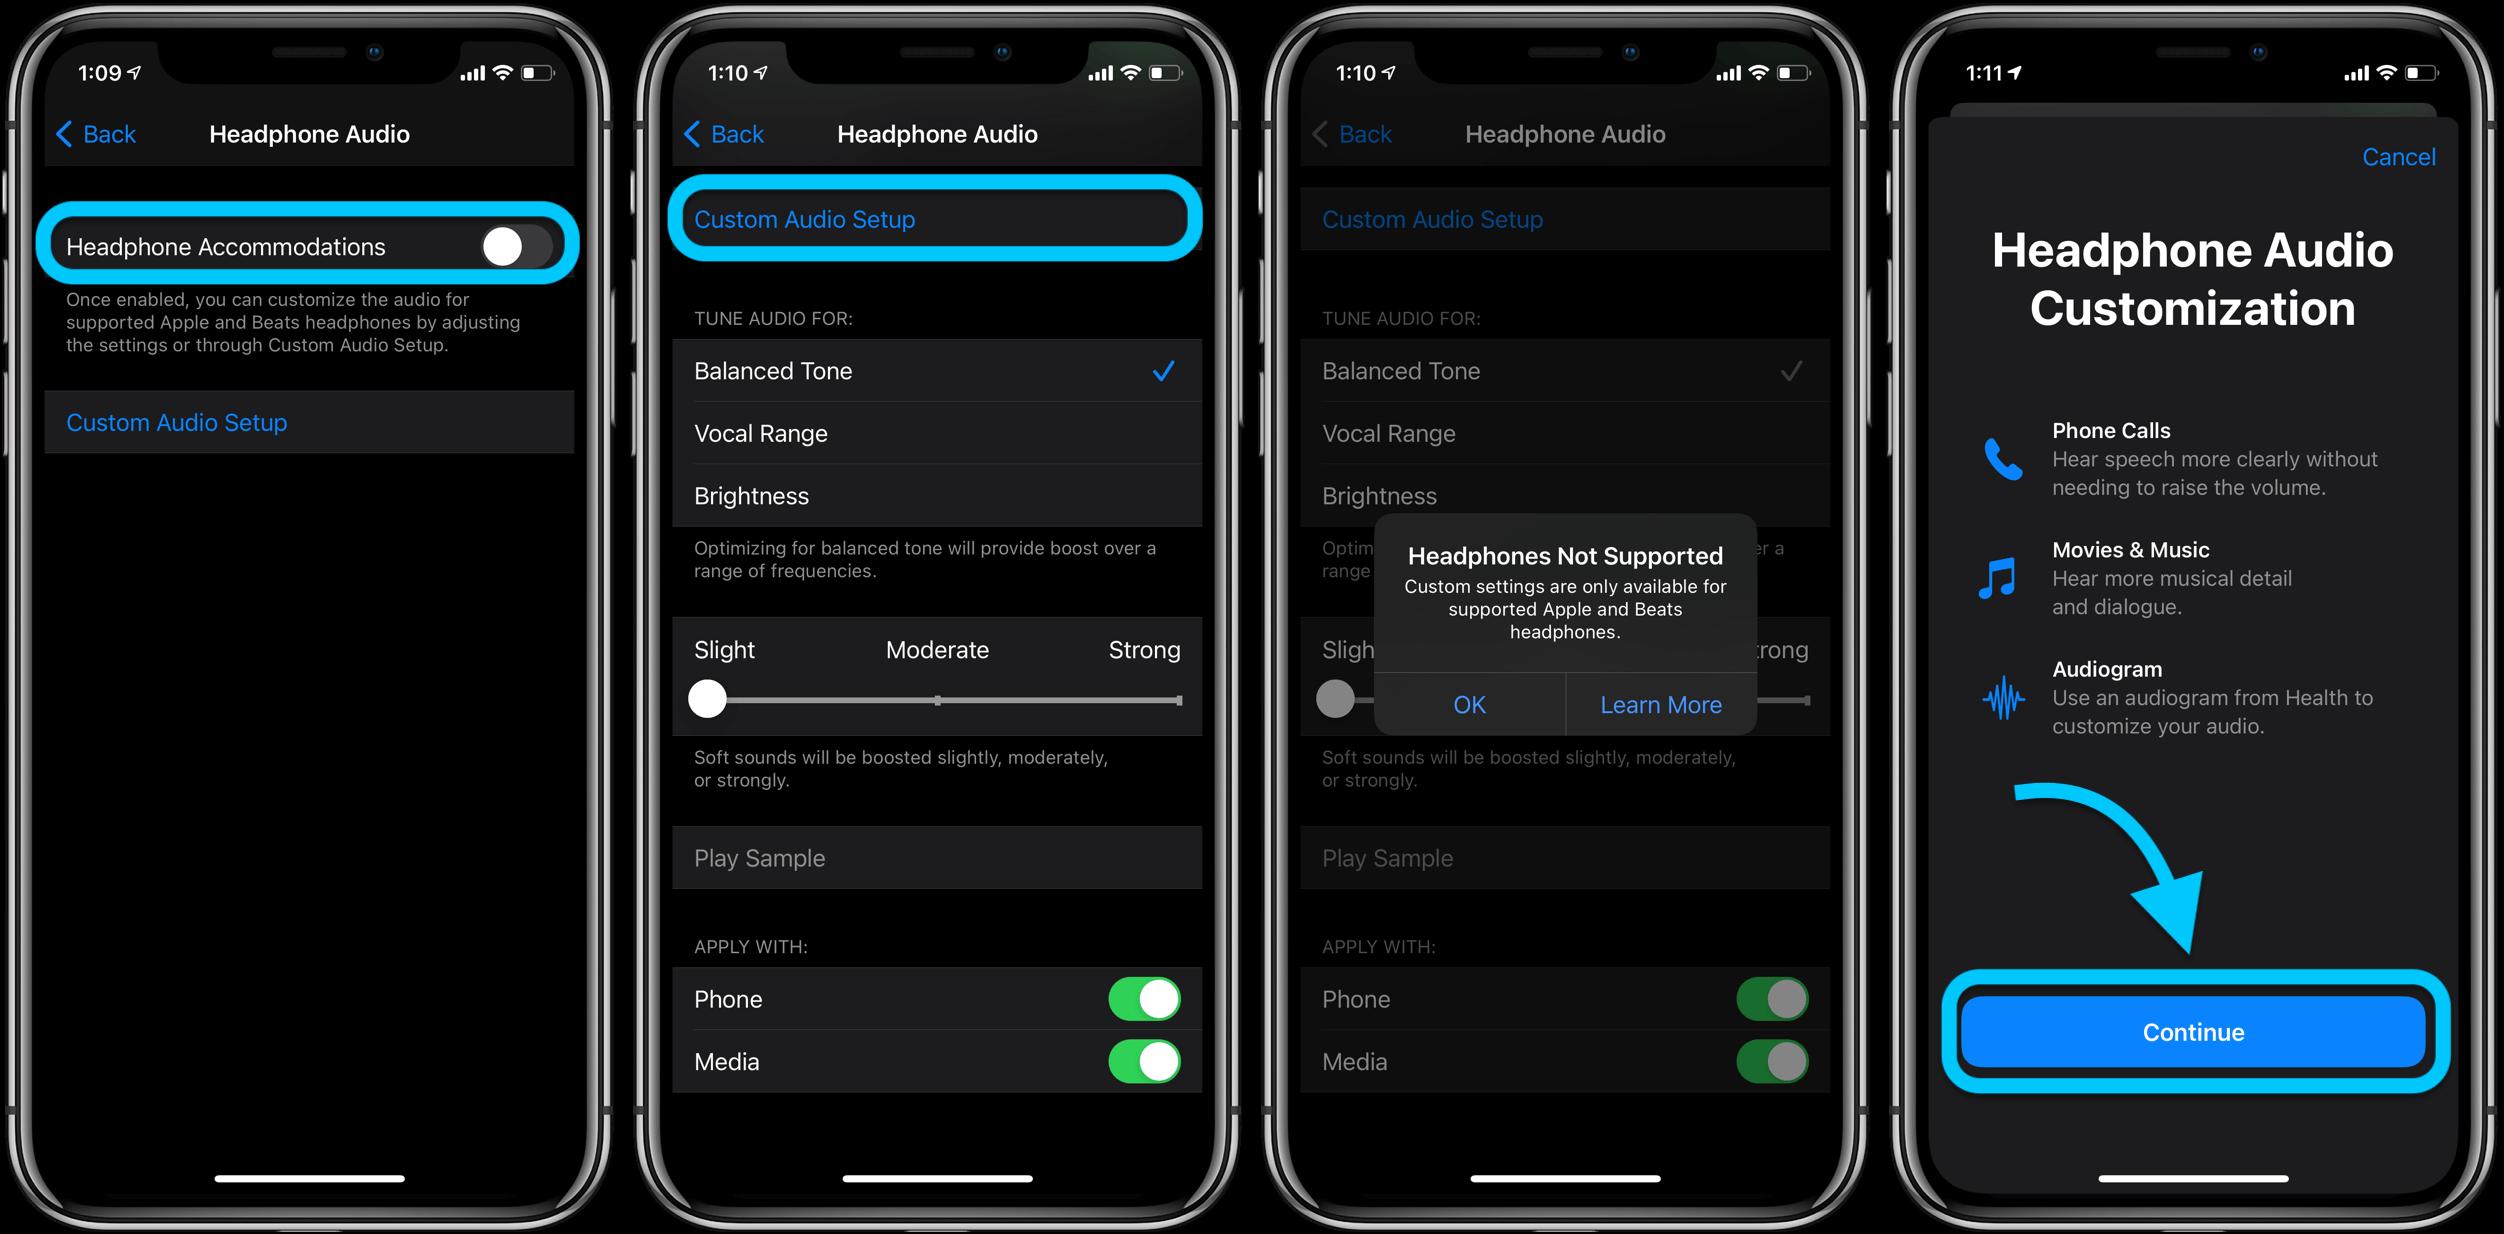 Как настроить звук в наушниках iPhone в iOS 14, пошаговое руководство 2